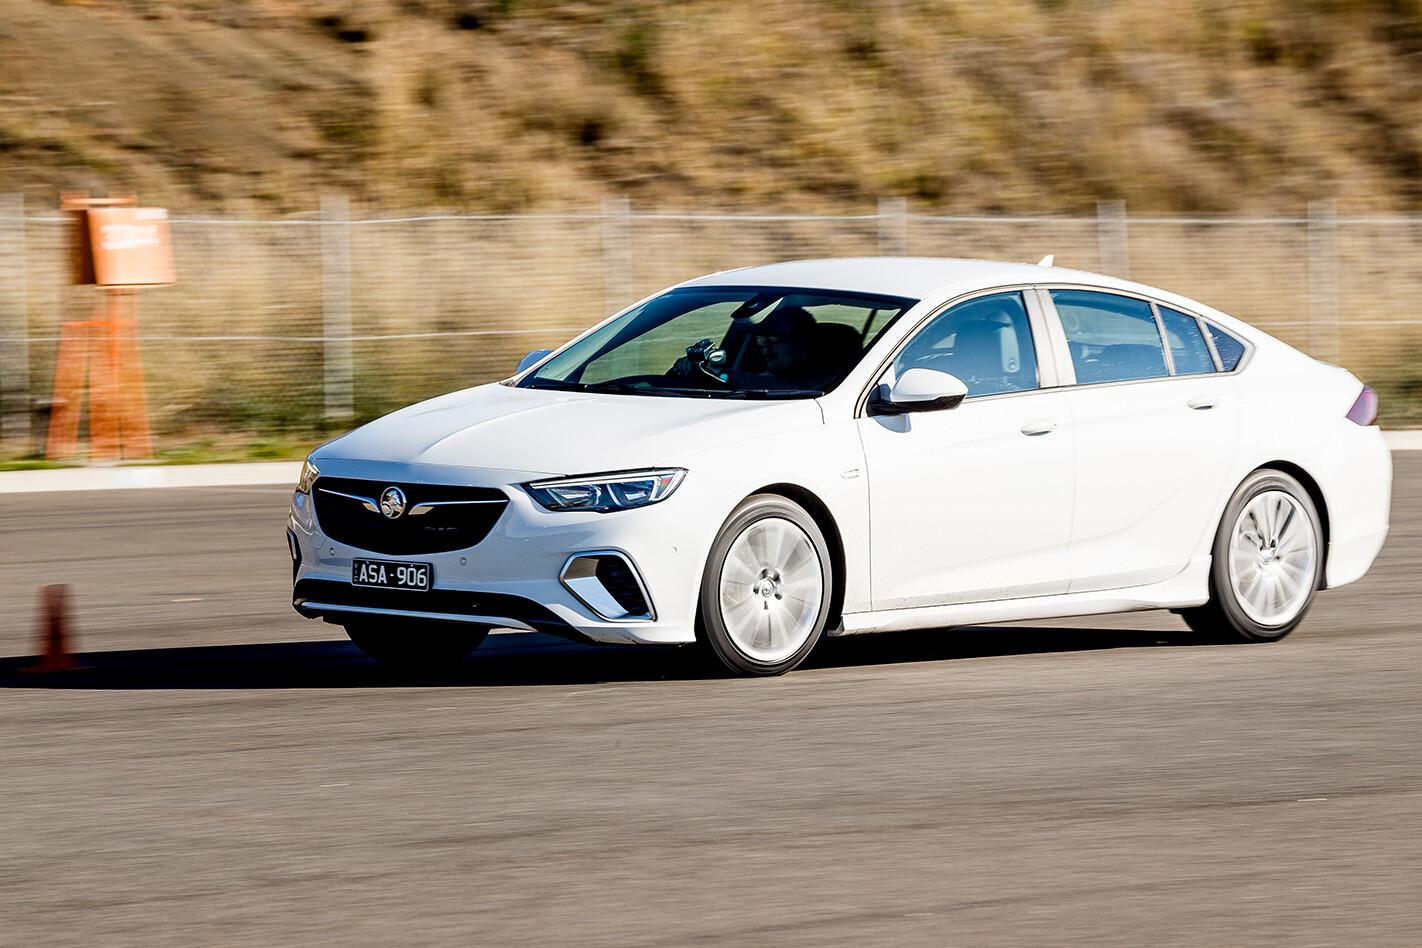 2018 Wheels Tyre Test: Tyre Noise